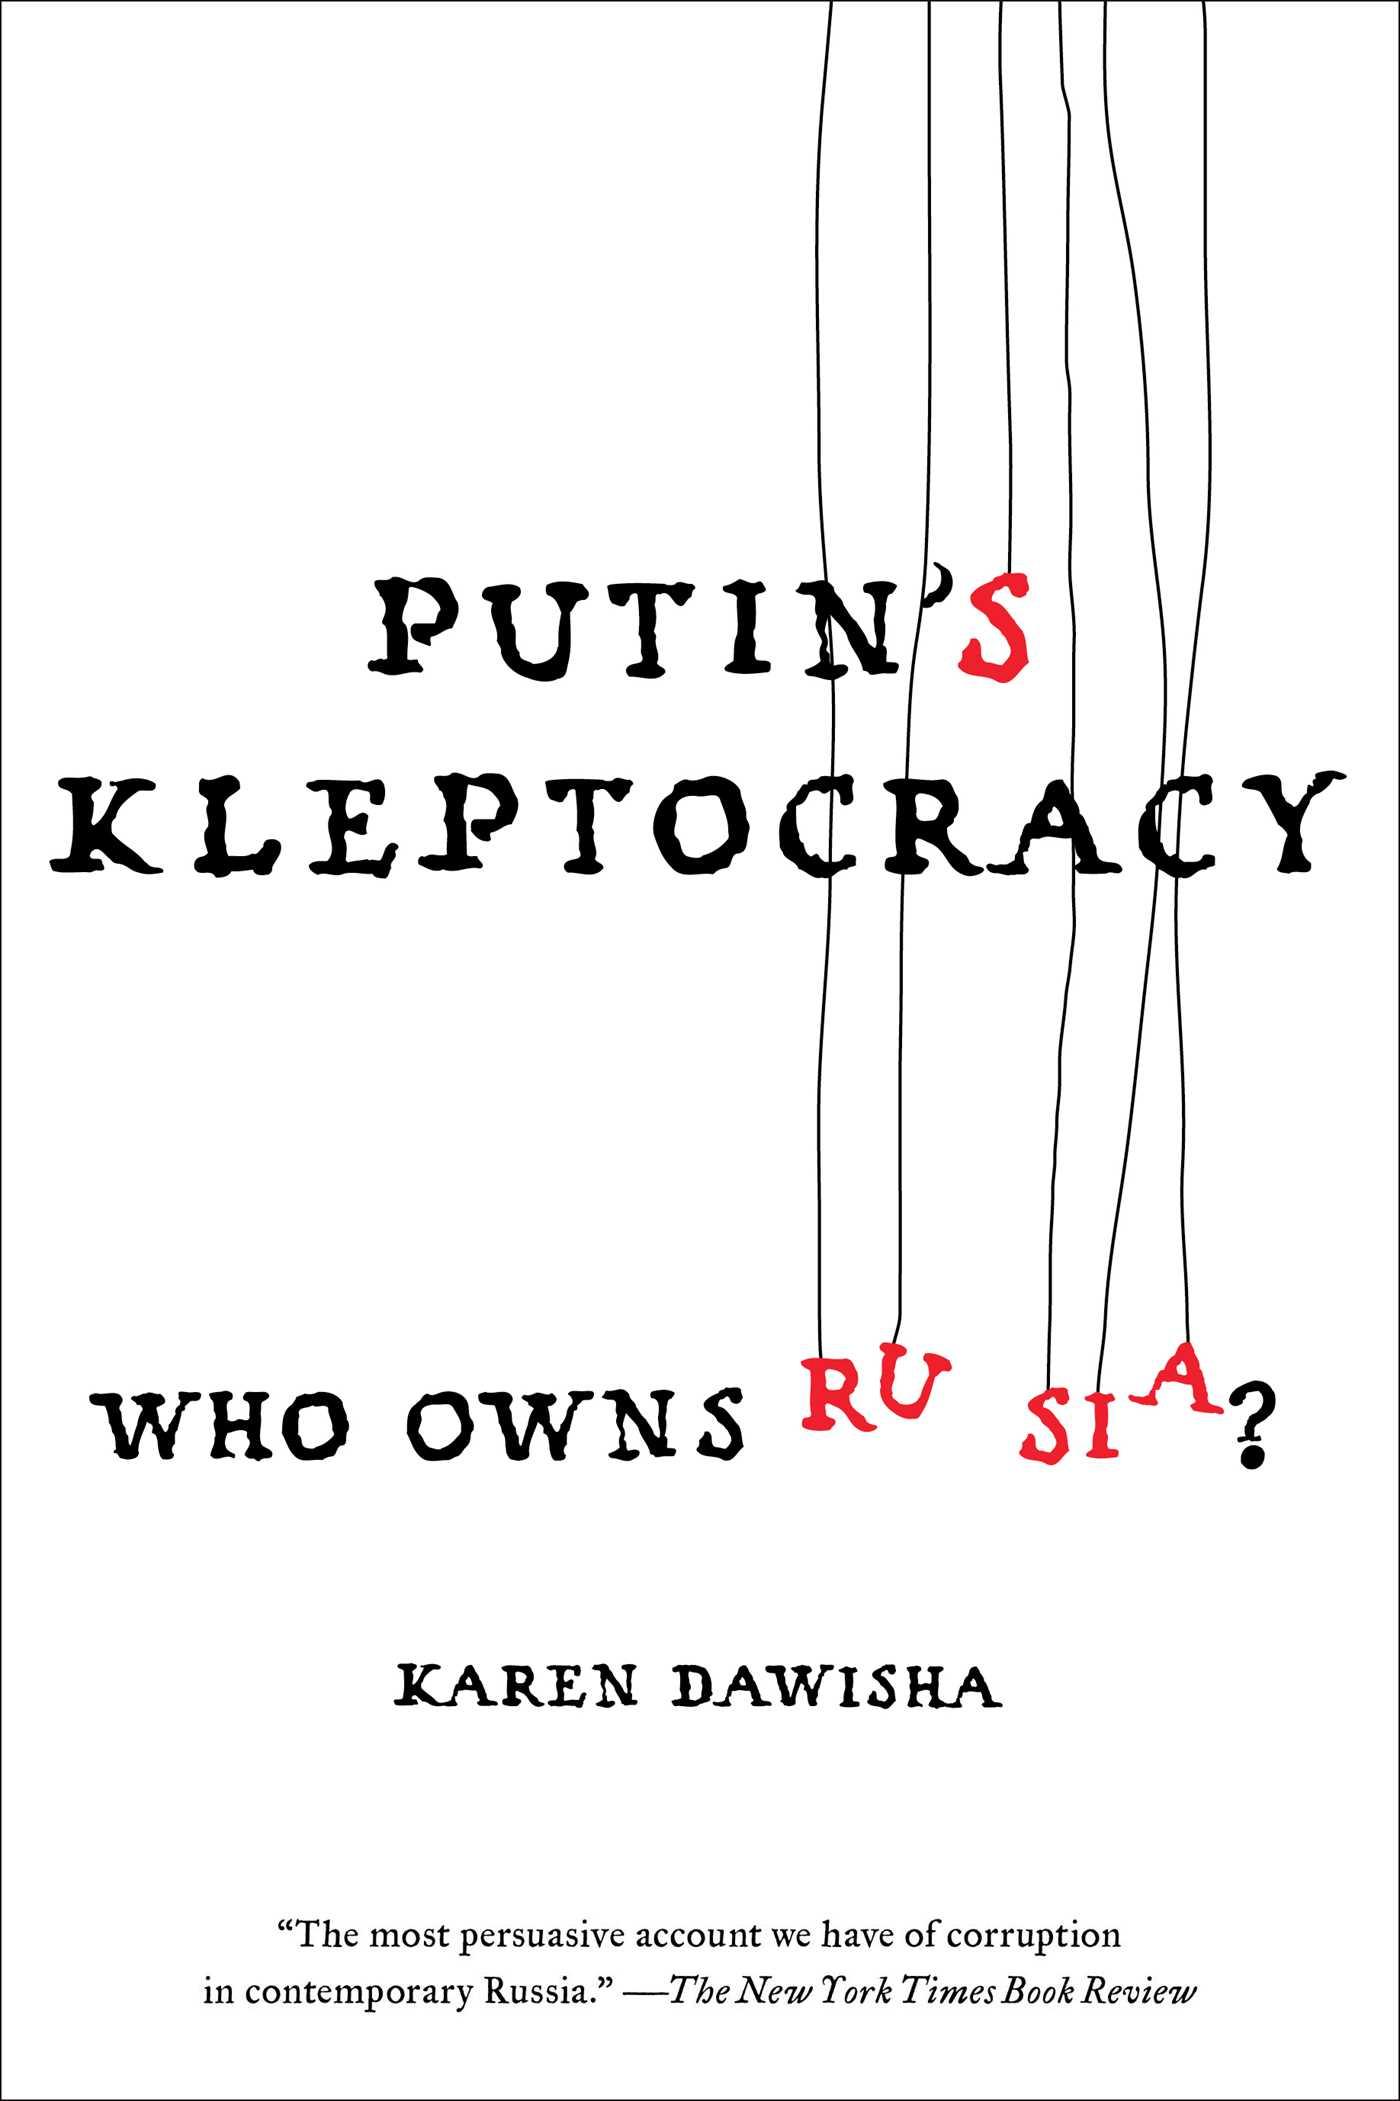 Putins kleptocracy 9781476795218 hr